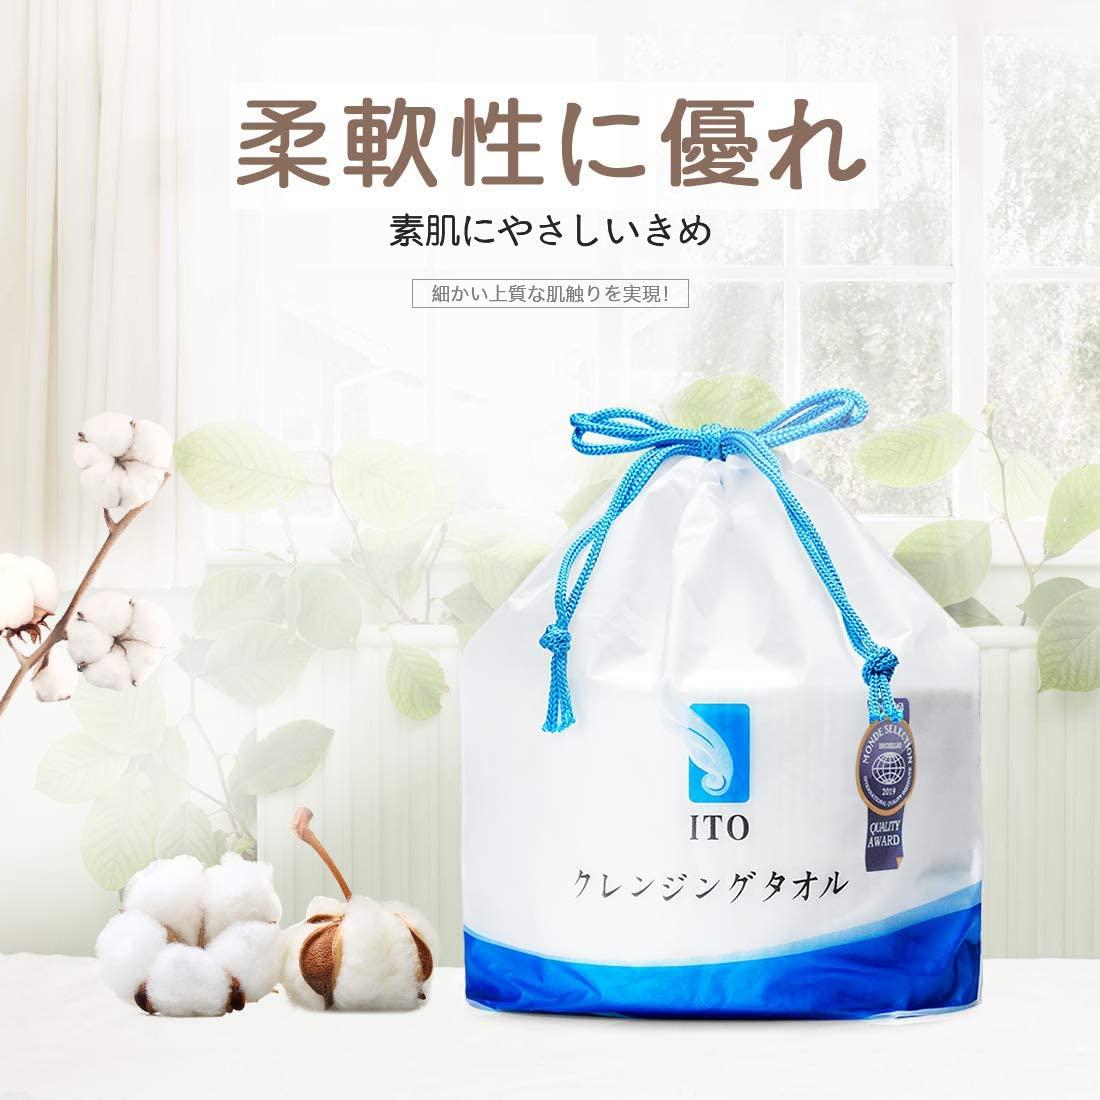 ITO(アィティーオー)クレンジングタオルの商品画像2